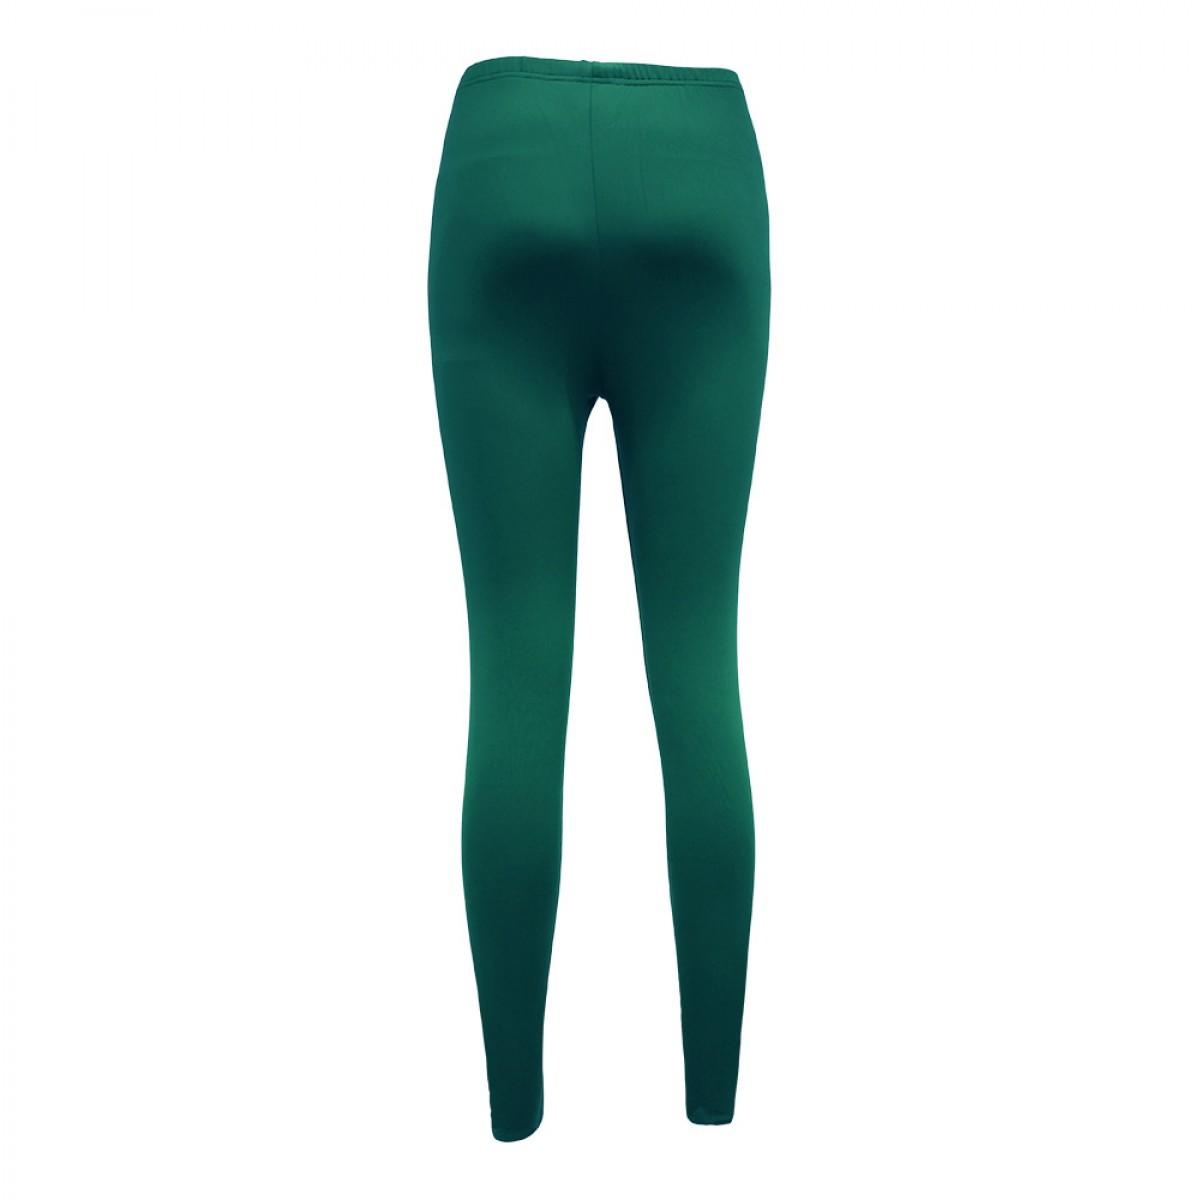 women-knitted-leggings-kkl16935-6a